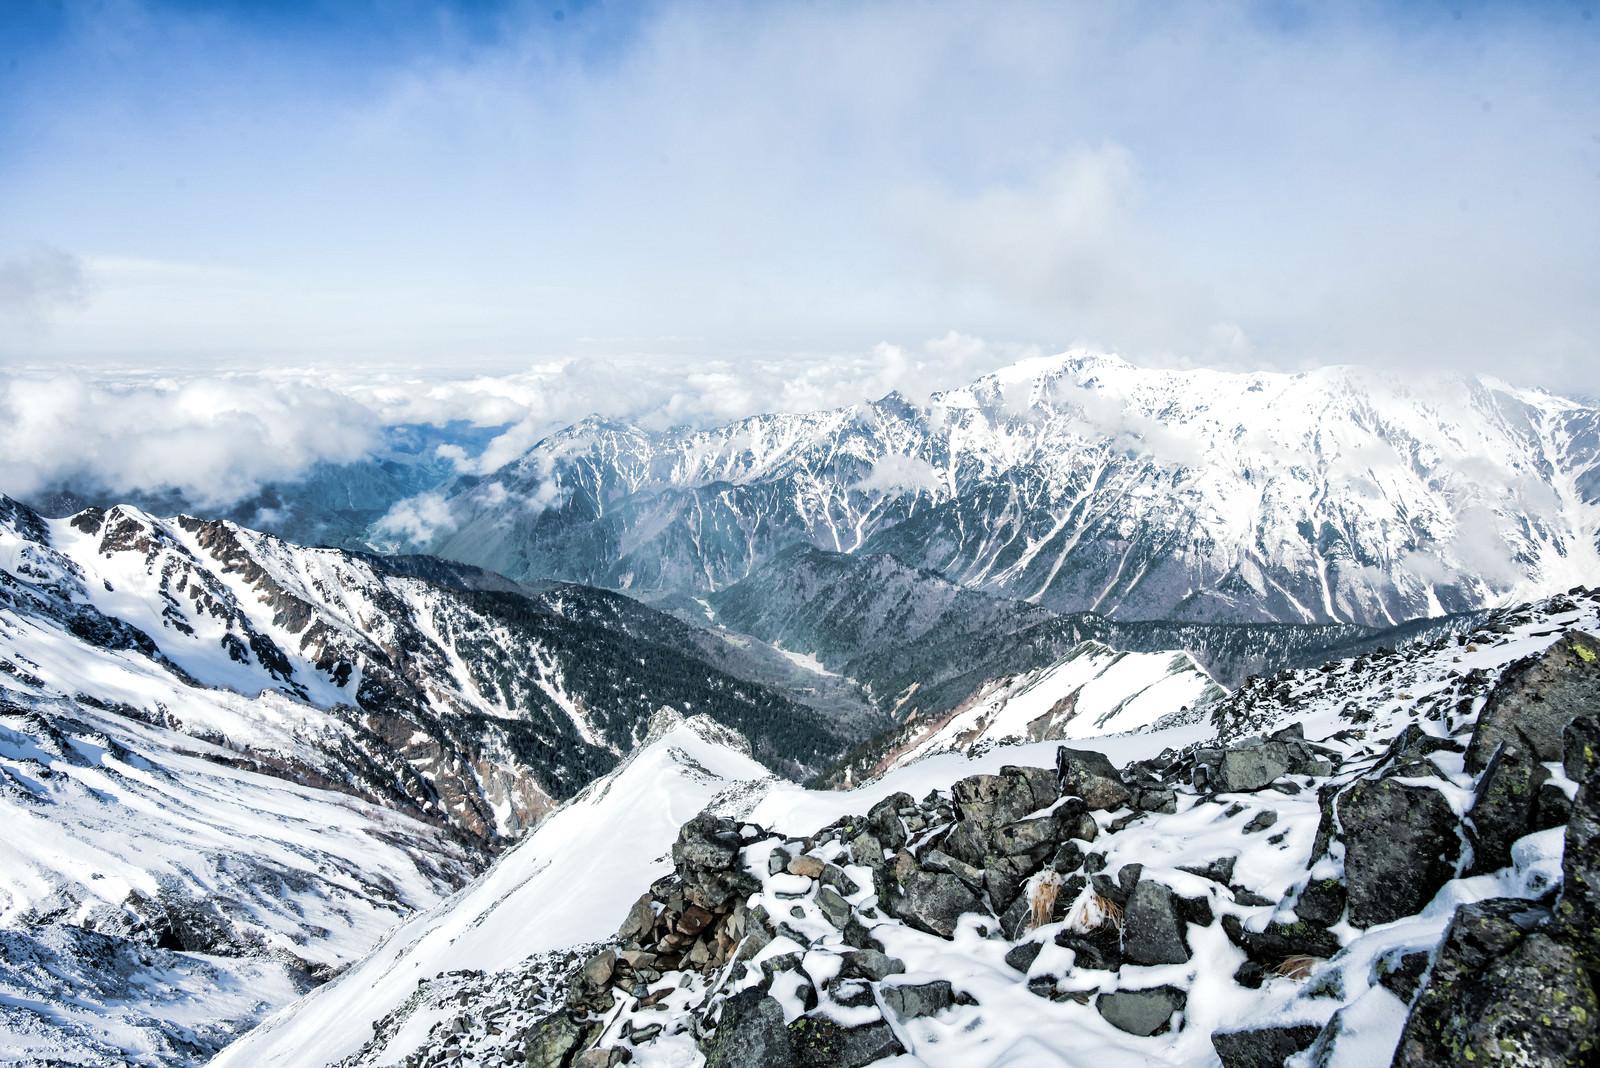 「涸沢岳頂上から眺める笠ヶ岳(飛騨山脈)」の写真